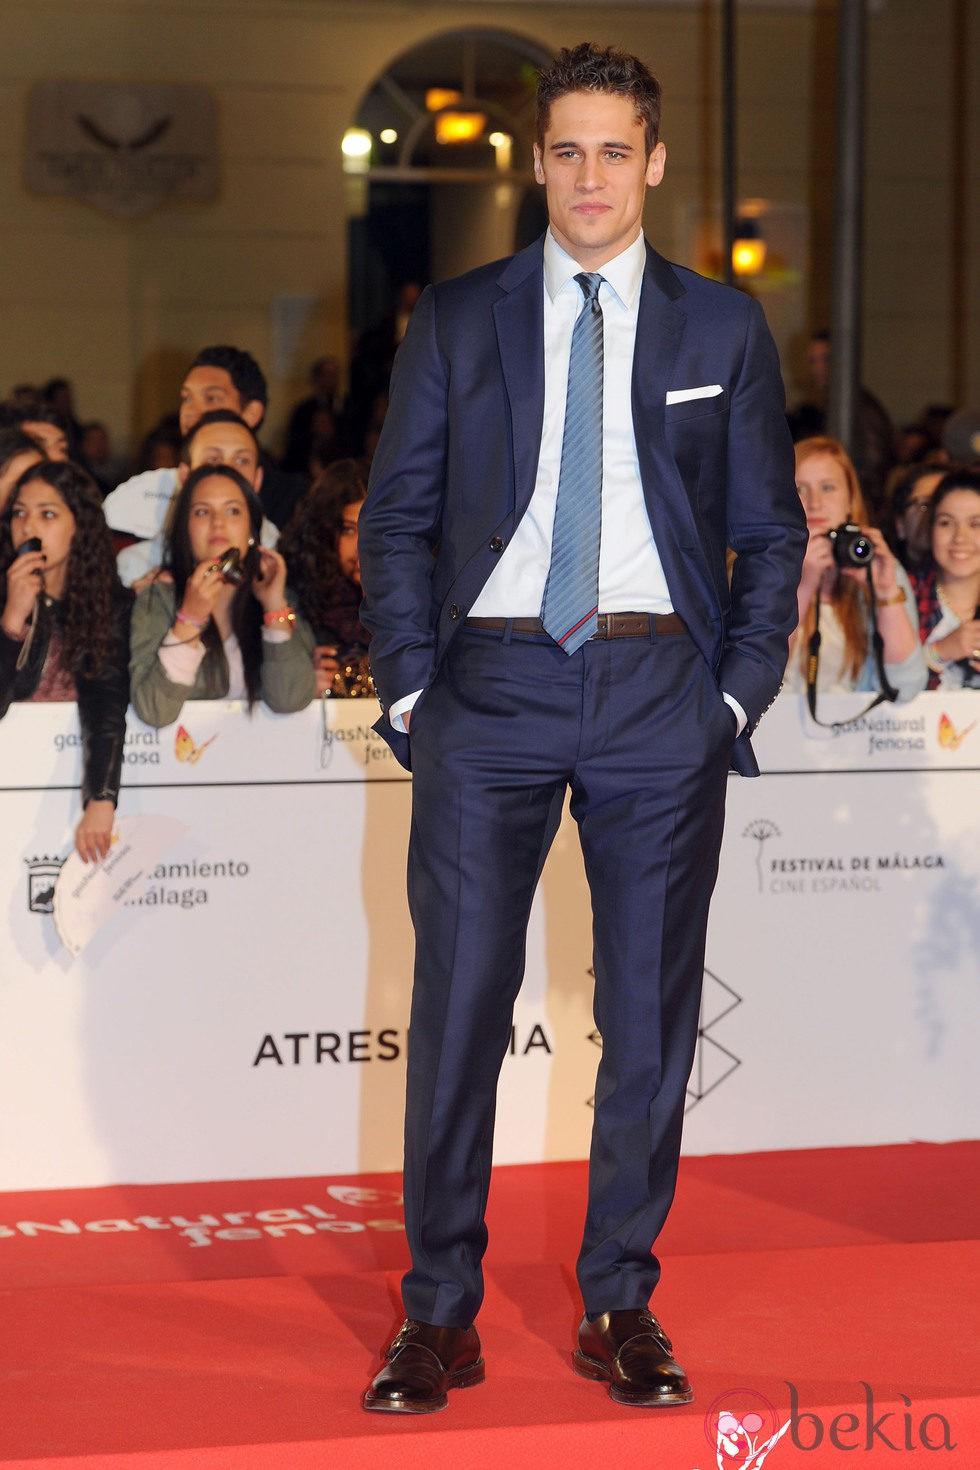 Martiño Rivas en el estreno de 'Por un puñado de besos' en el Festival de Málaga 2014